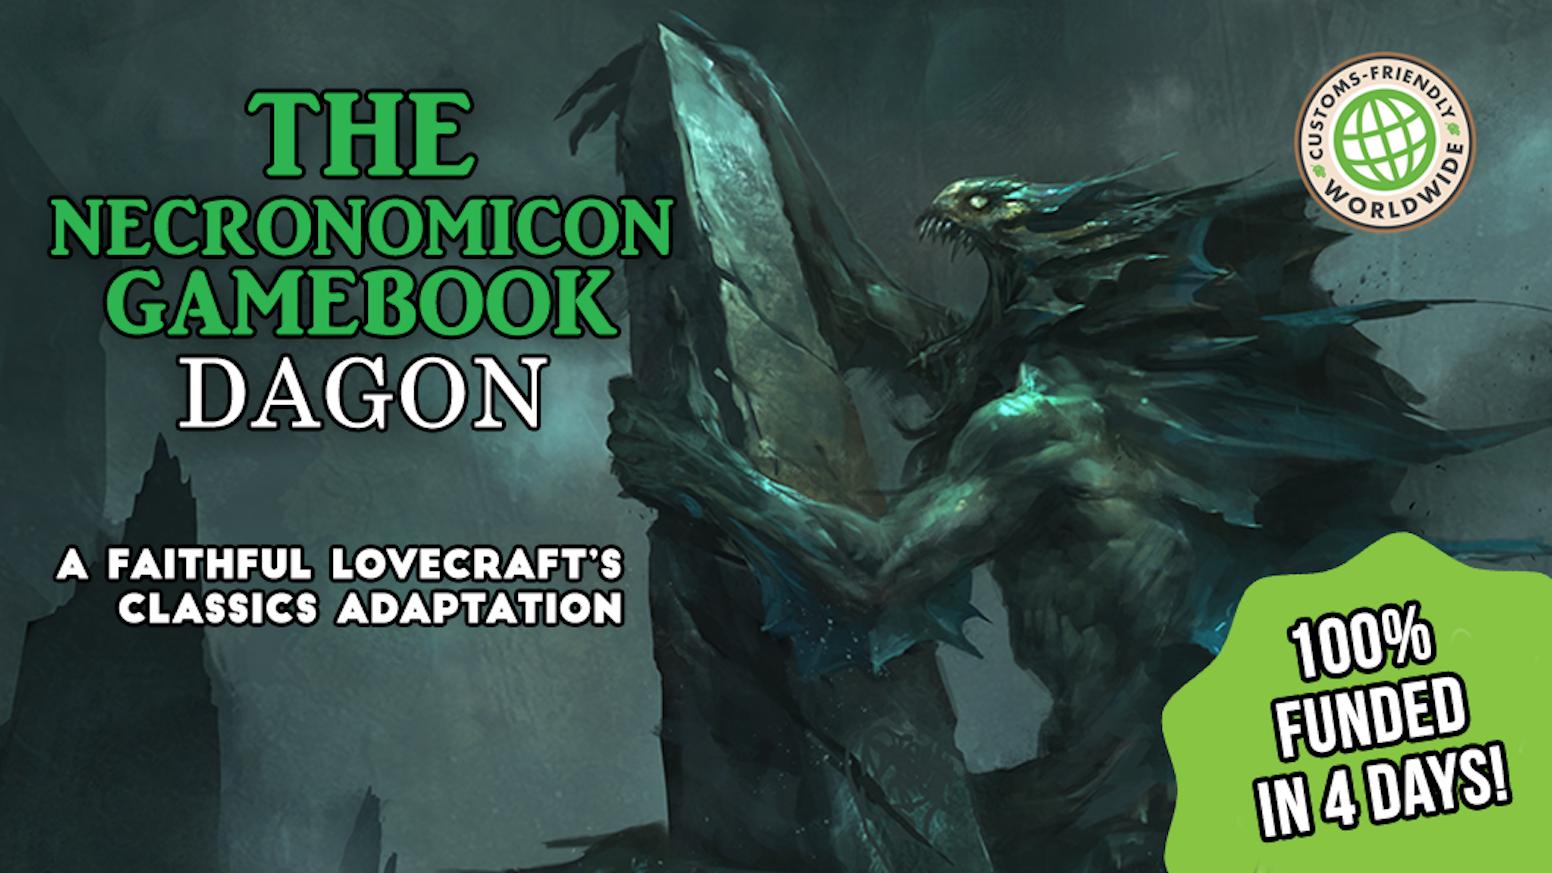 A faithful gamebook adaptation of Lovecraft's short novels Dagon, The Festival, The Hound. [ITA] Un fedele adattamento a bivi dei racconti di Lovecraft Dagon, La Ricorrenza e Il Mastino